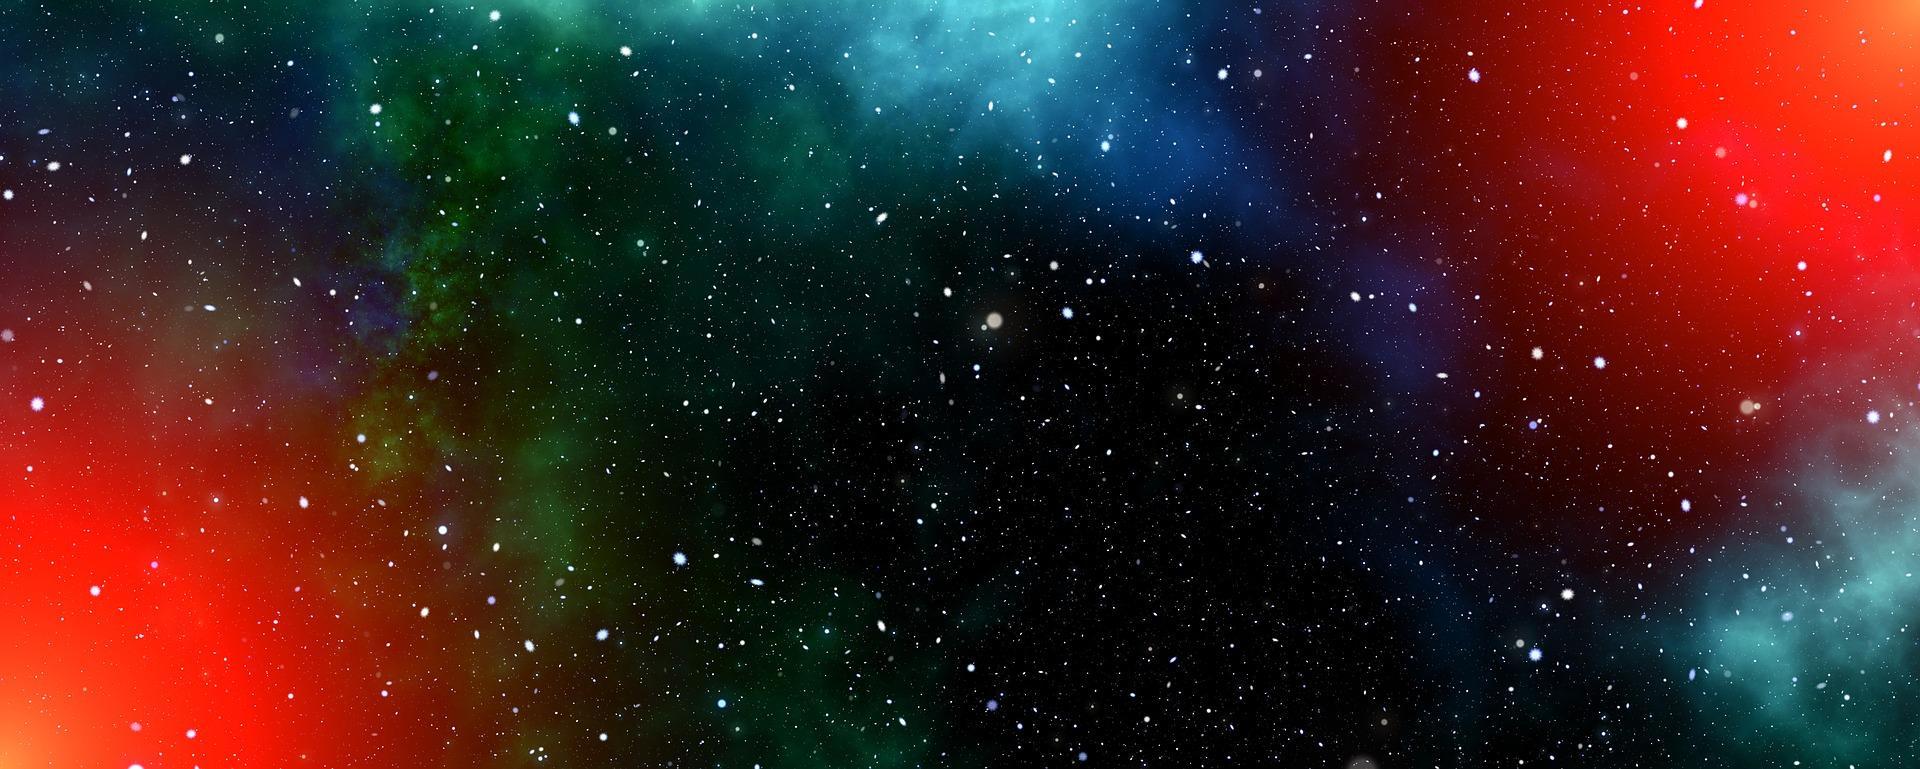 galaxy 2688937 1920 - Maitreya, Metteyya, prichod.cz